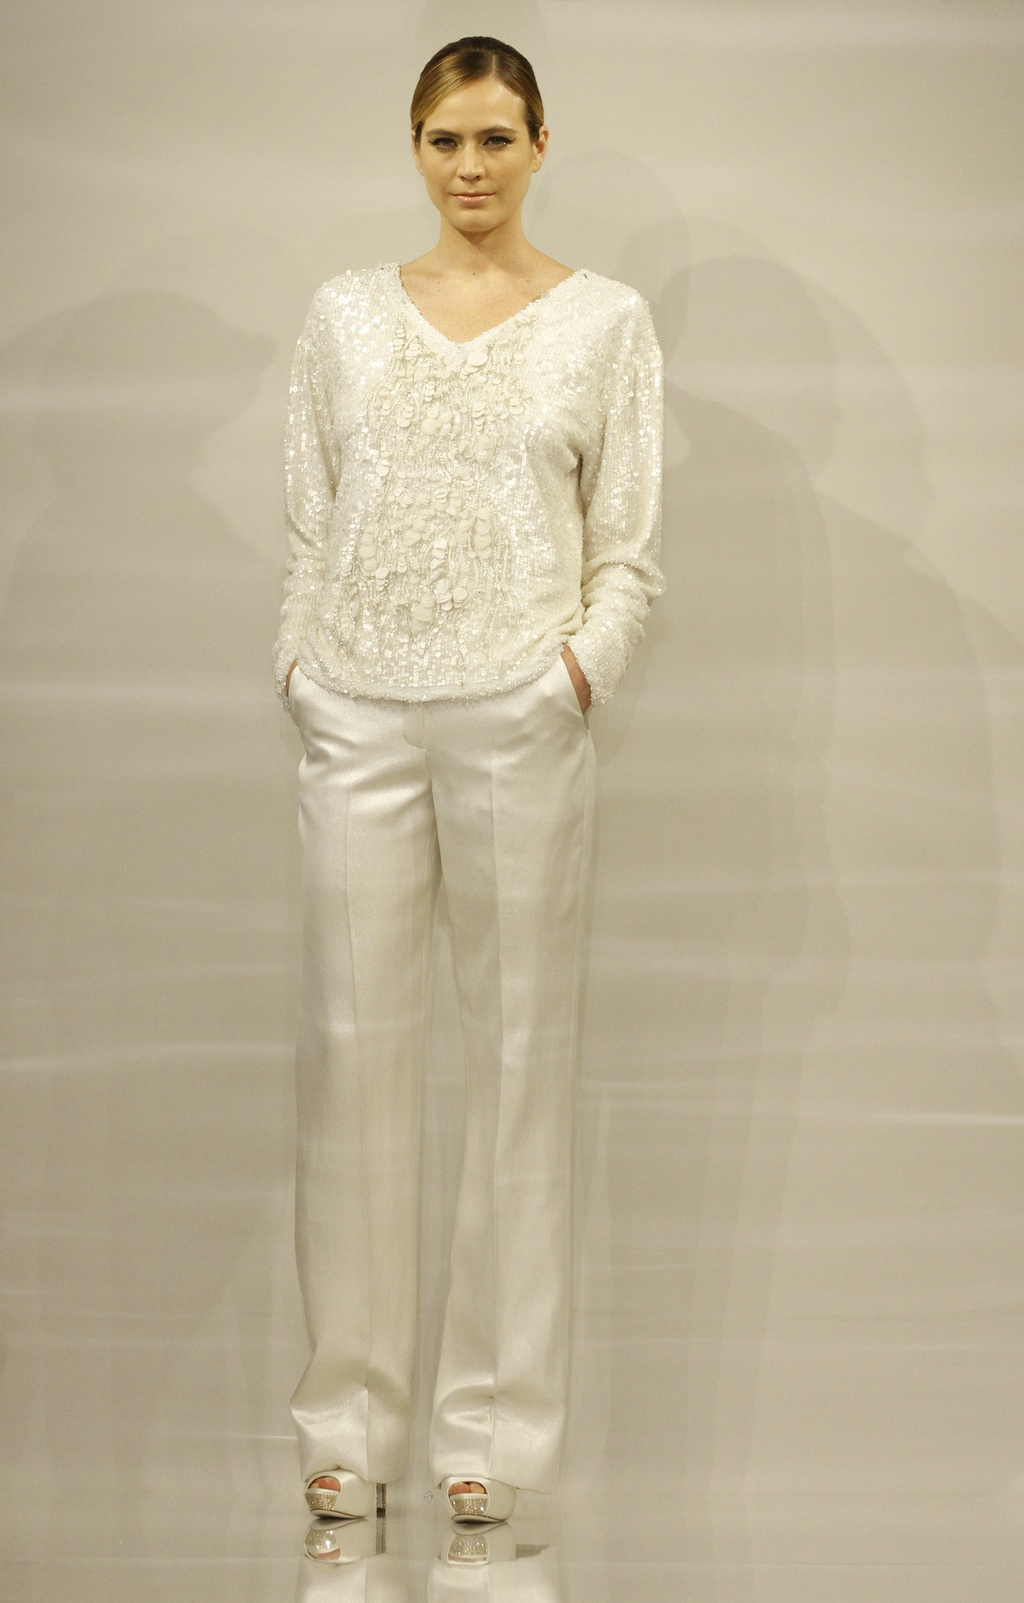 Bridal Collection chic pants suit